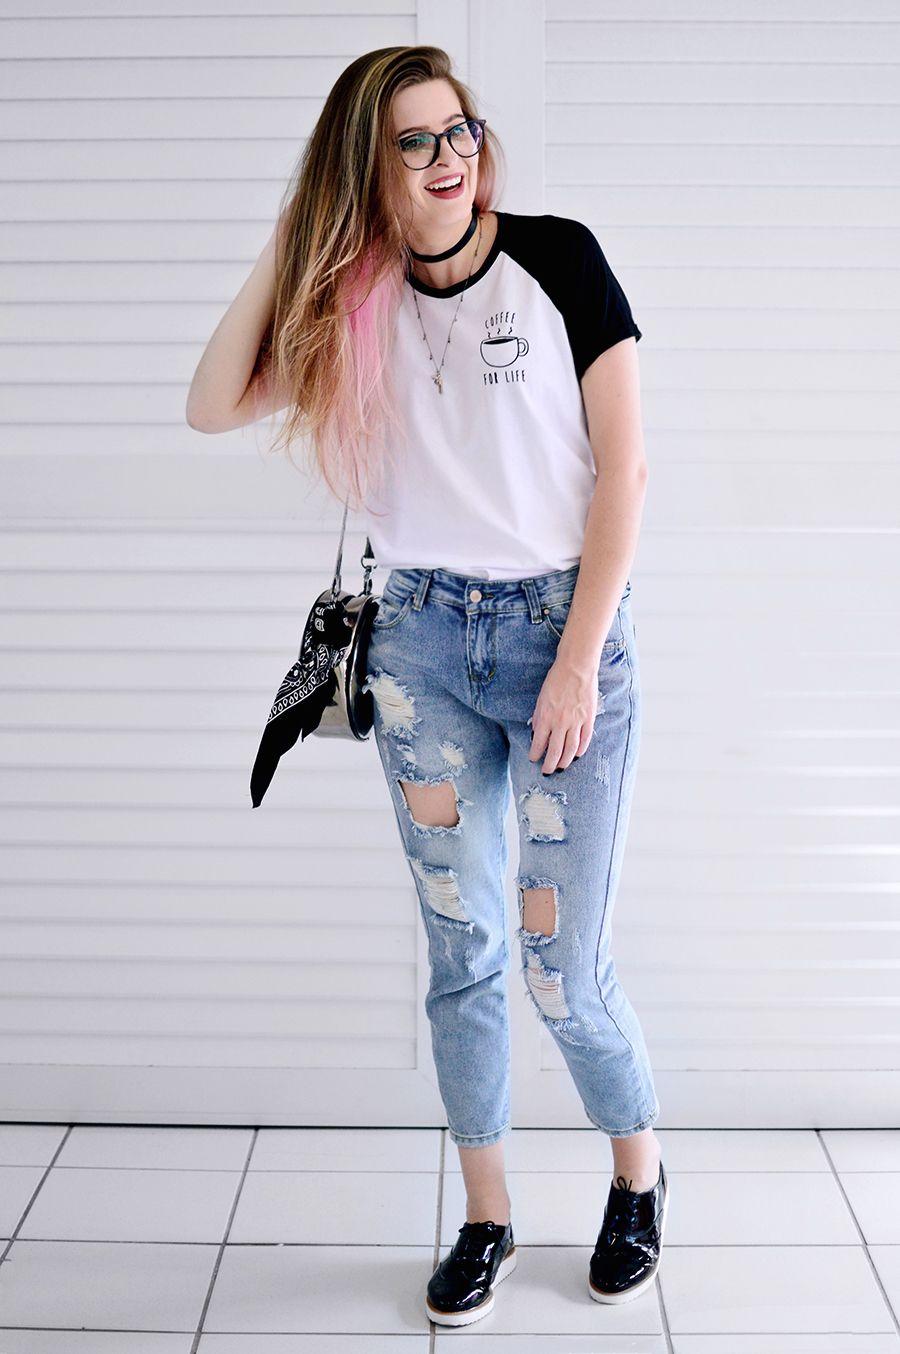 d135abb2e ... bem lindo e com estampa divertida, como estava fresquinho joguei por  cima essa jaqueta mega estilosa da Wear Ever, calça de cintura alta ...